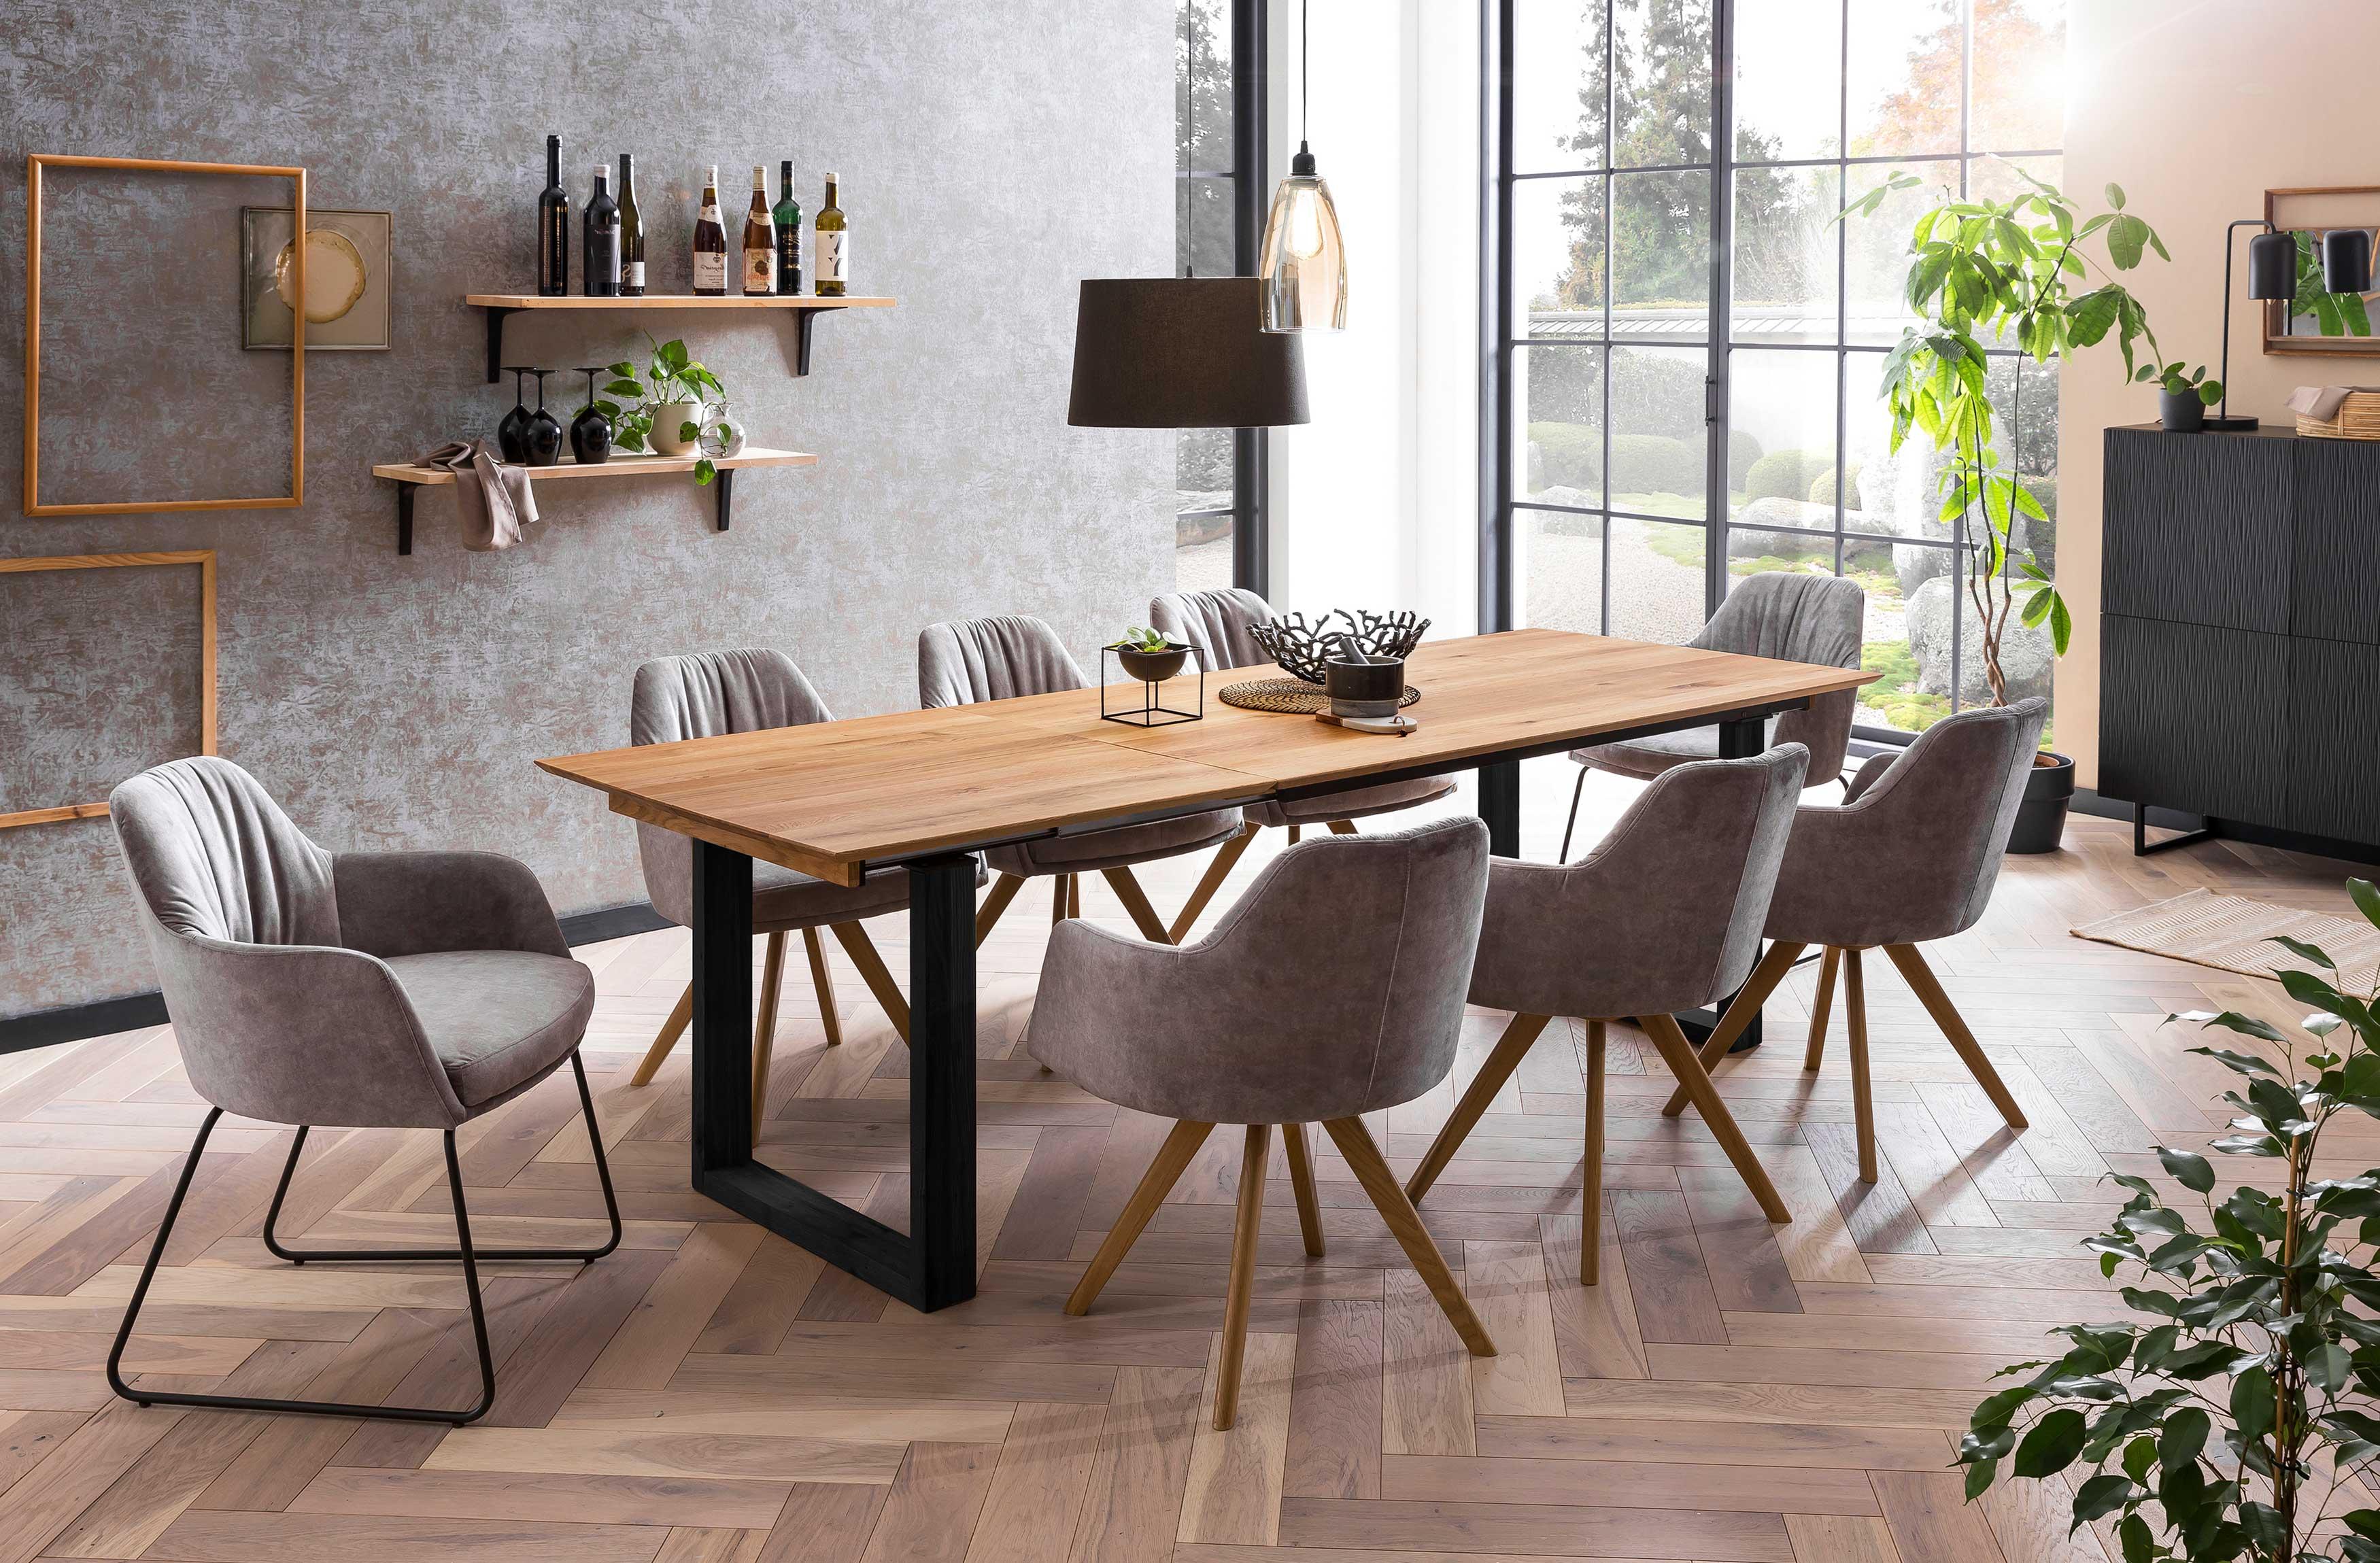 Standard Furniture moderne Essgruppe mit Tisch Rennes und Schalenstühlen Marseille